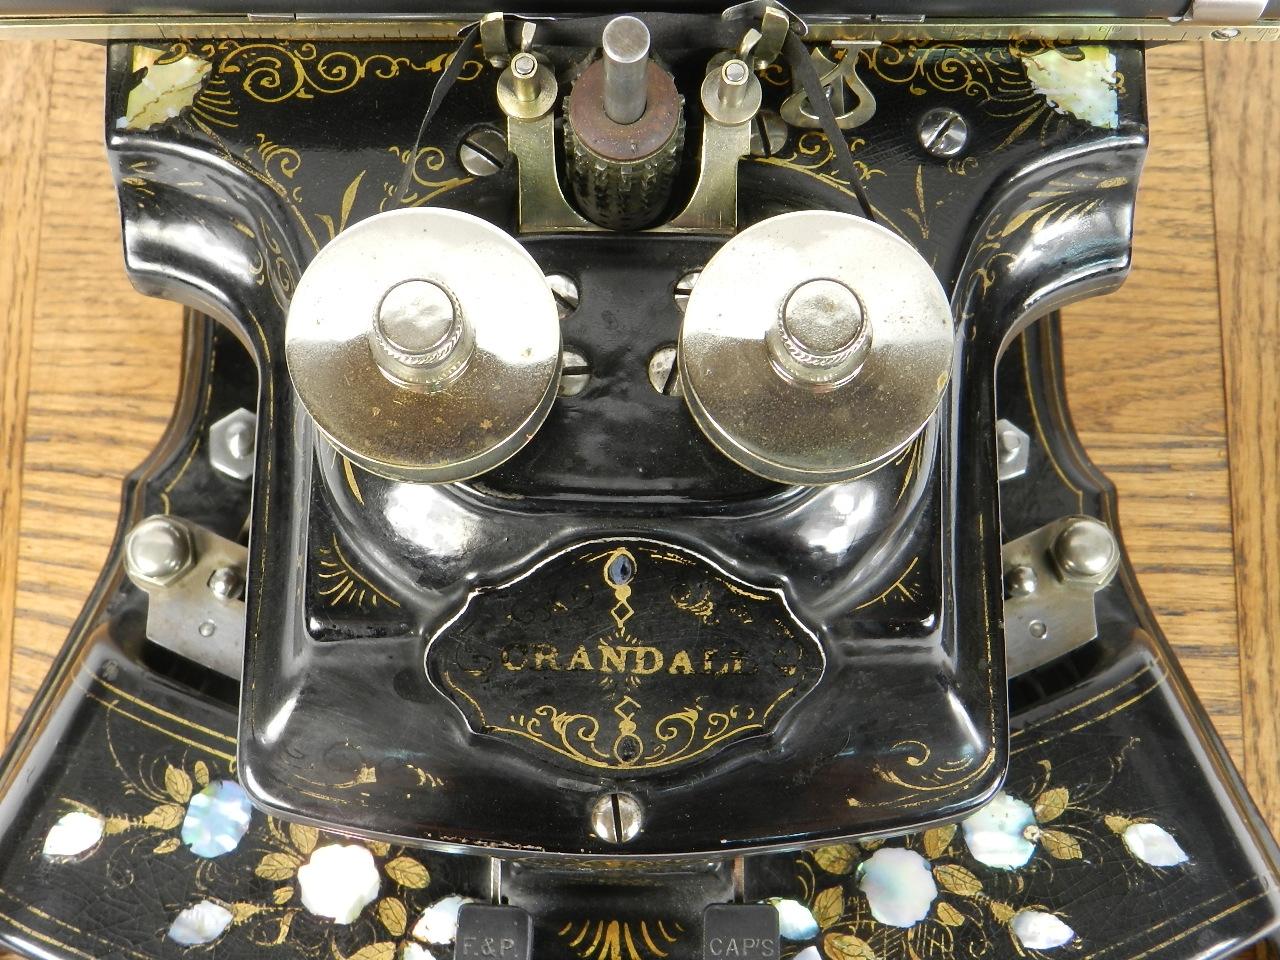 Imagen CRANDALL NEW MODEL AÑO 1885 38653